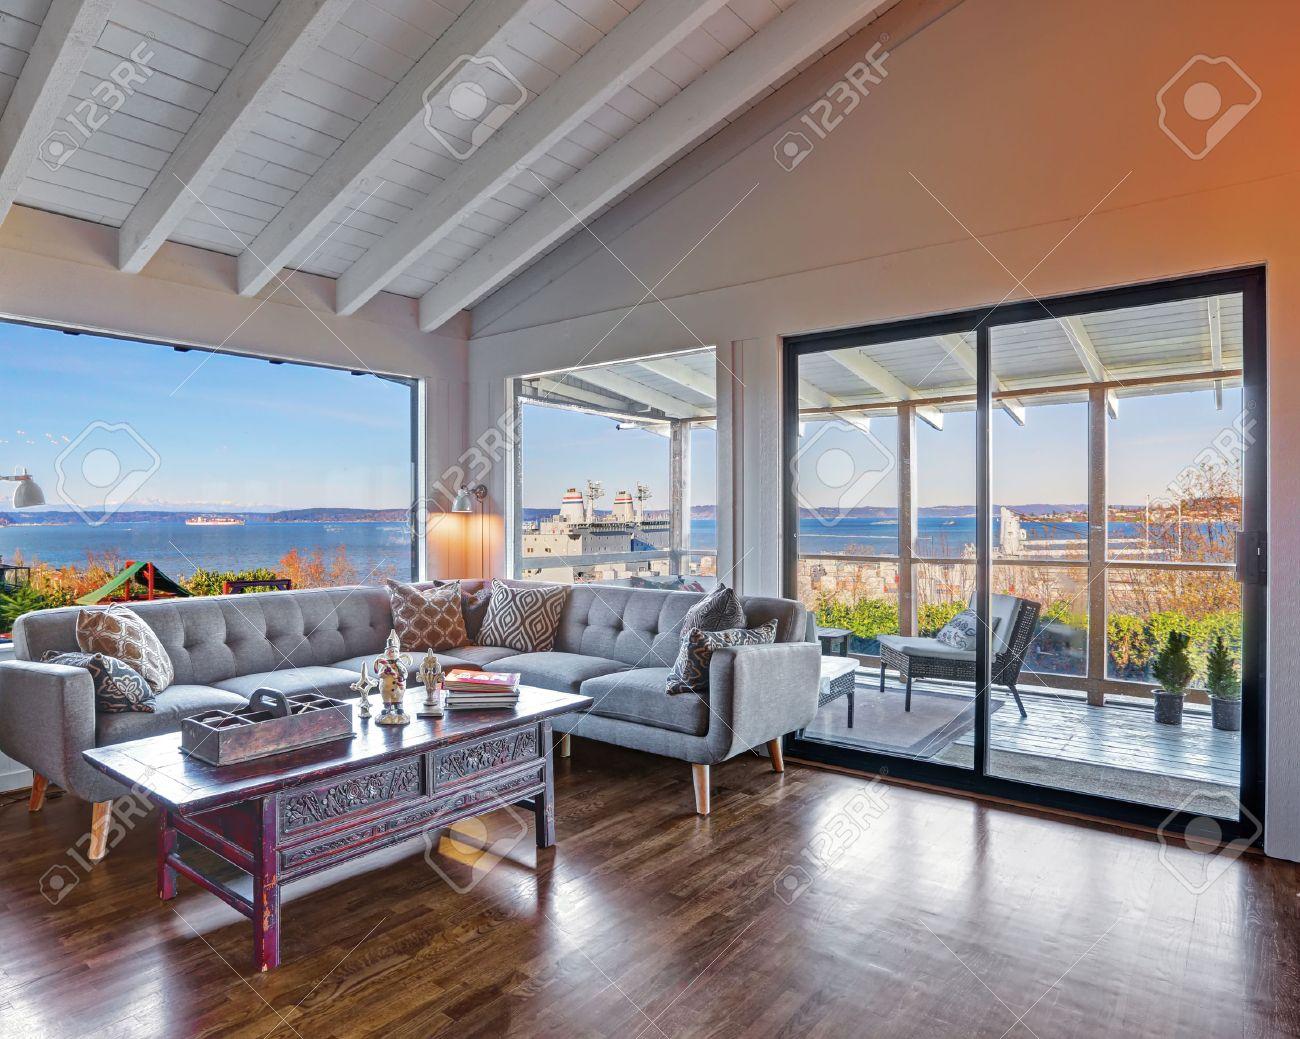 Vardagsrum hörn med stor grå soffa, vackra trägolv och välvda tak ...